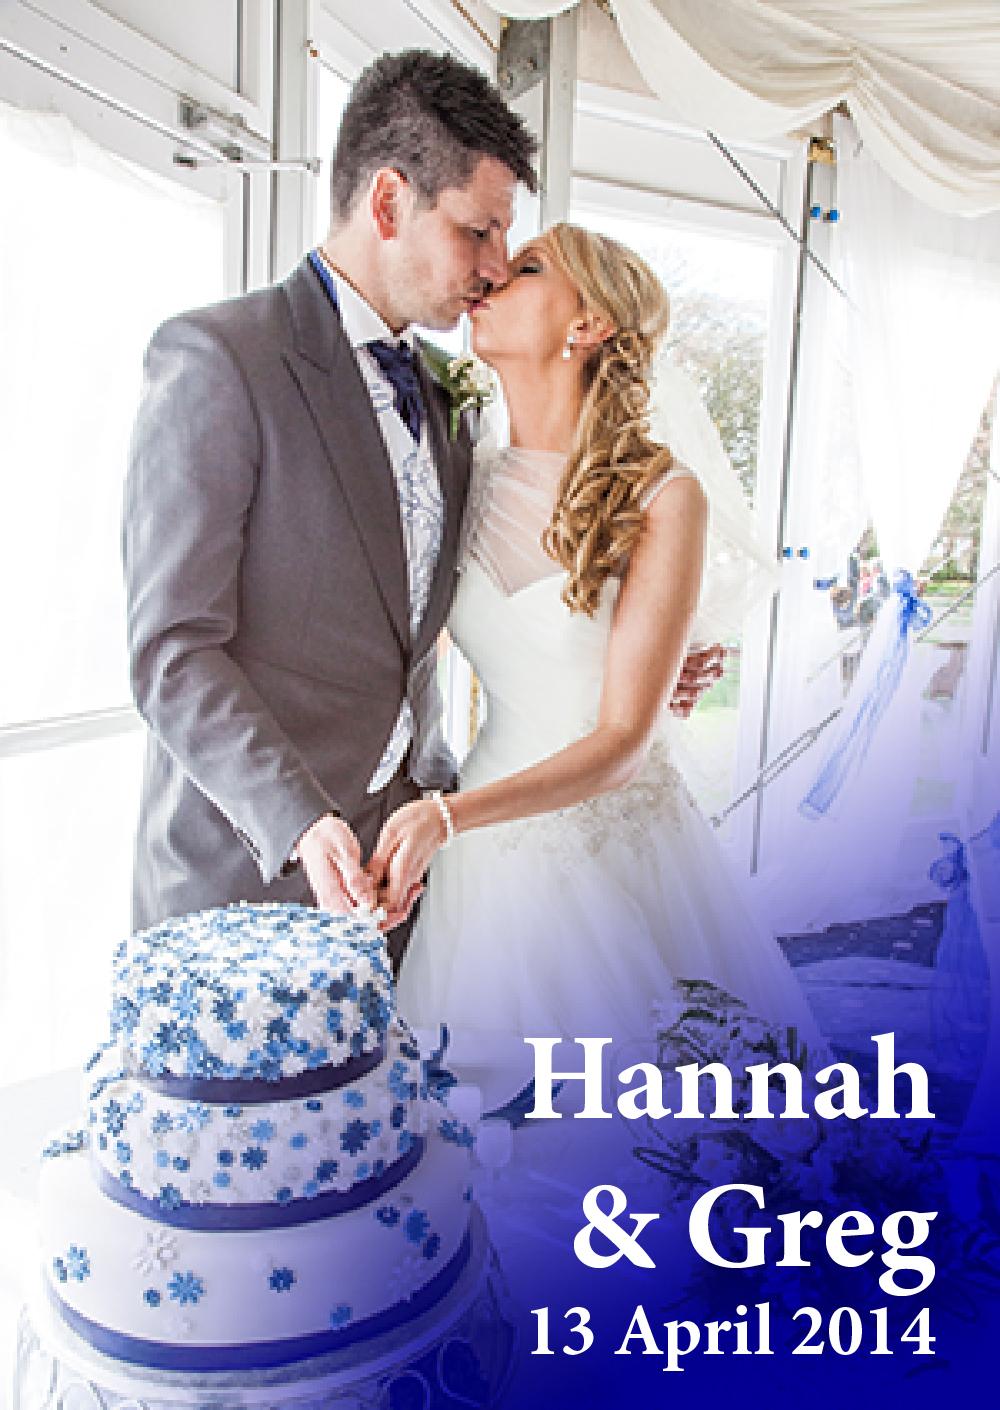 Hannah & Greg